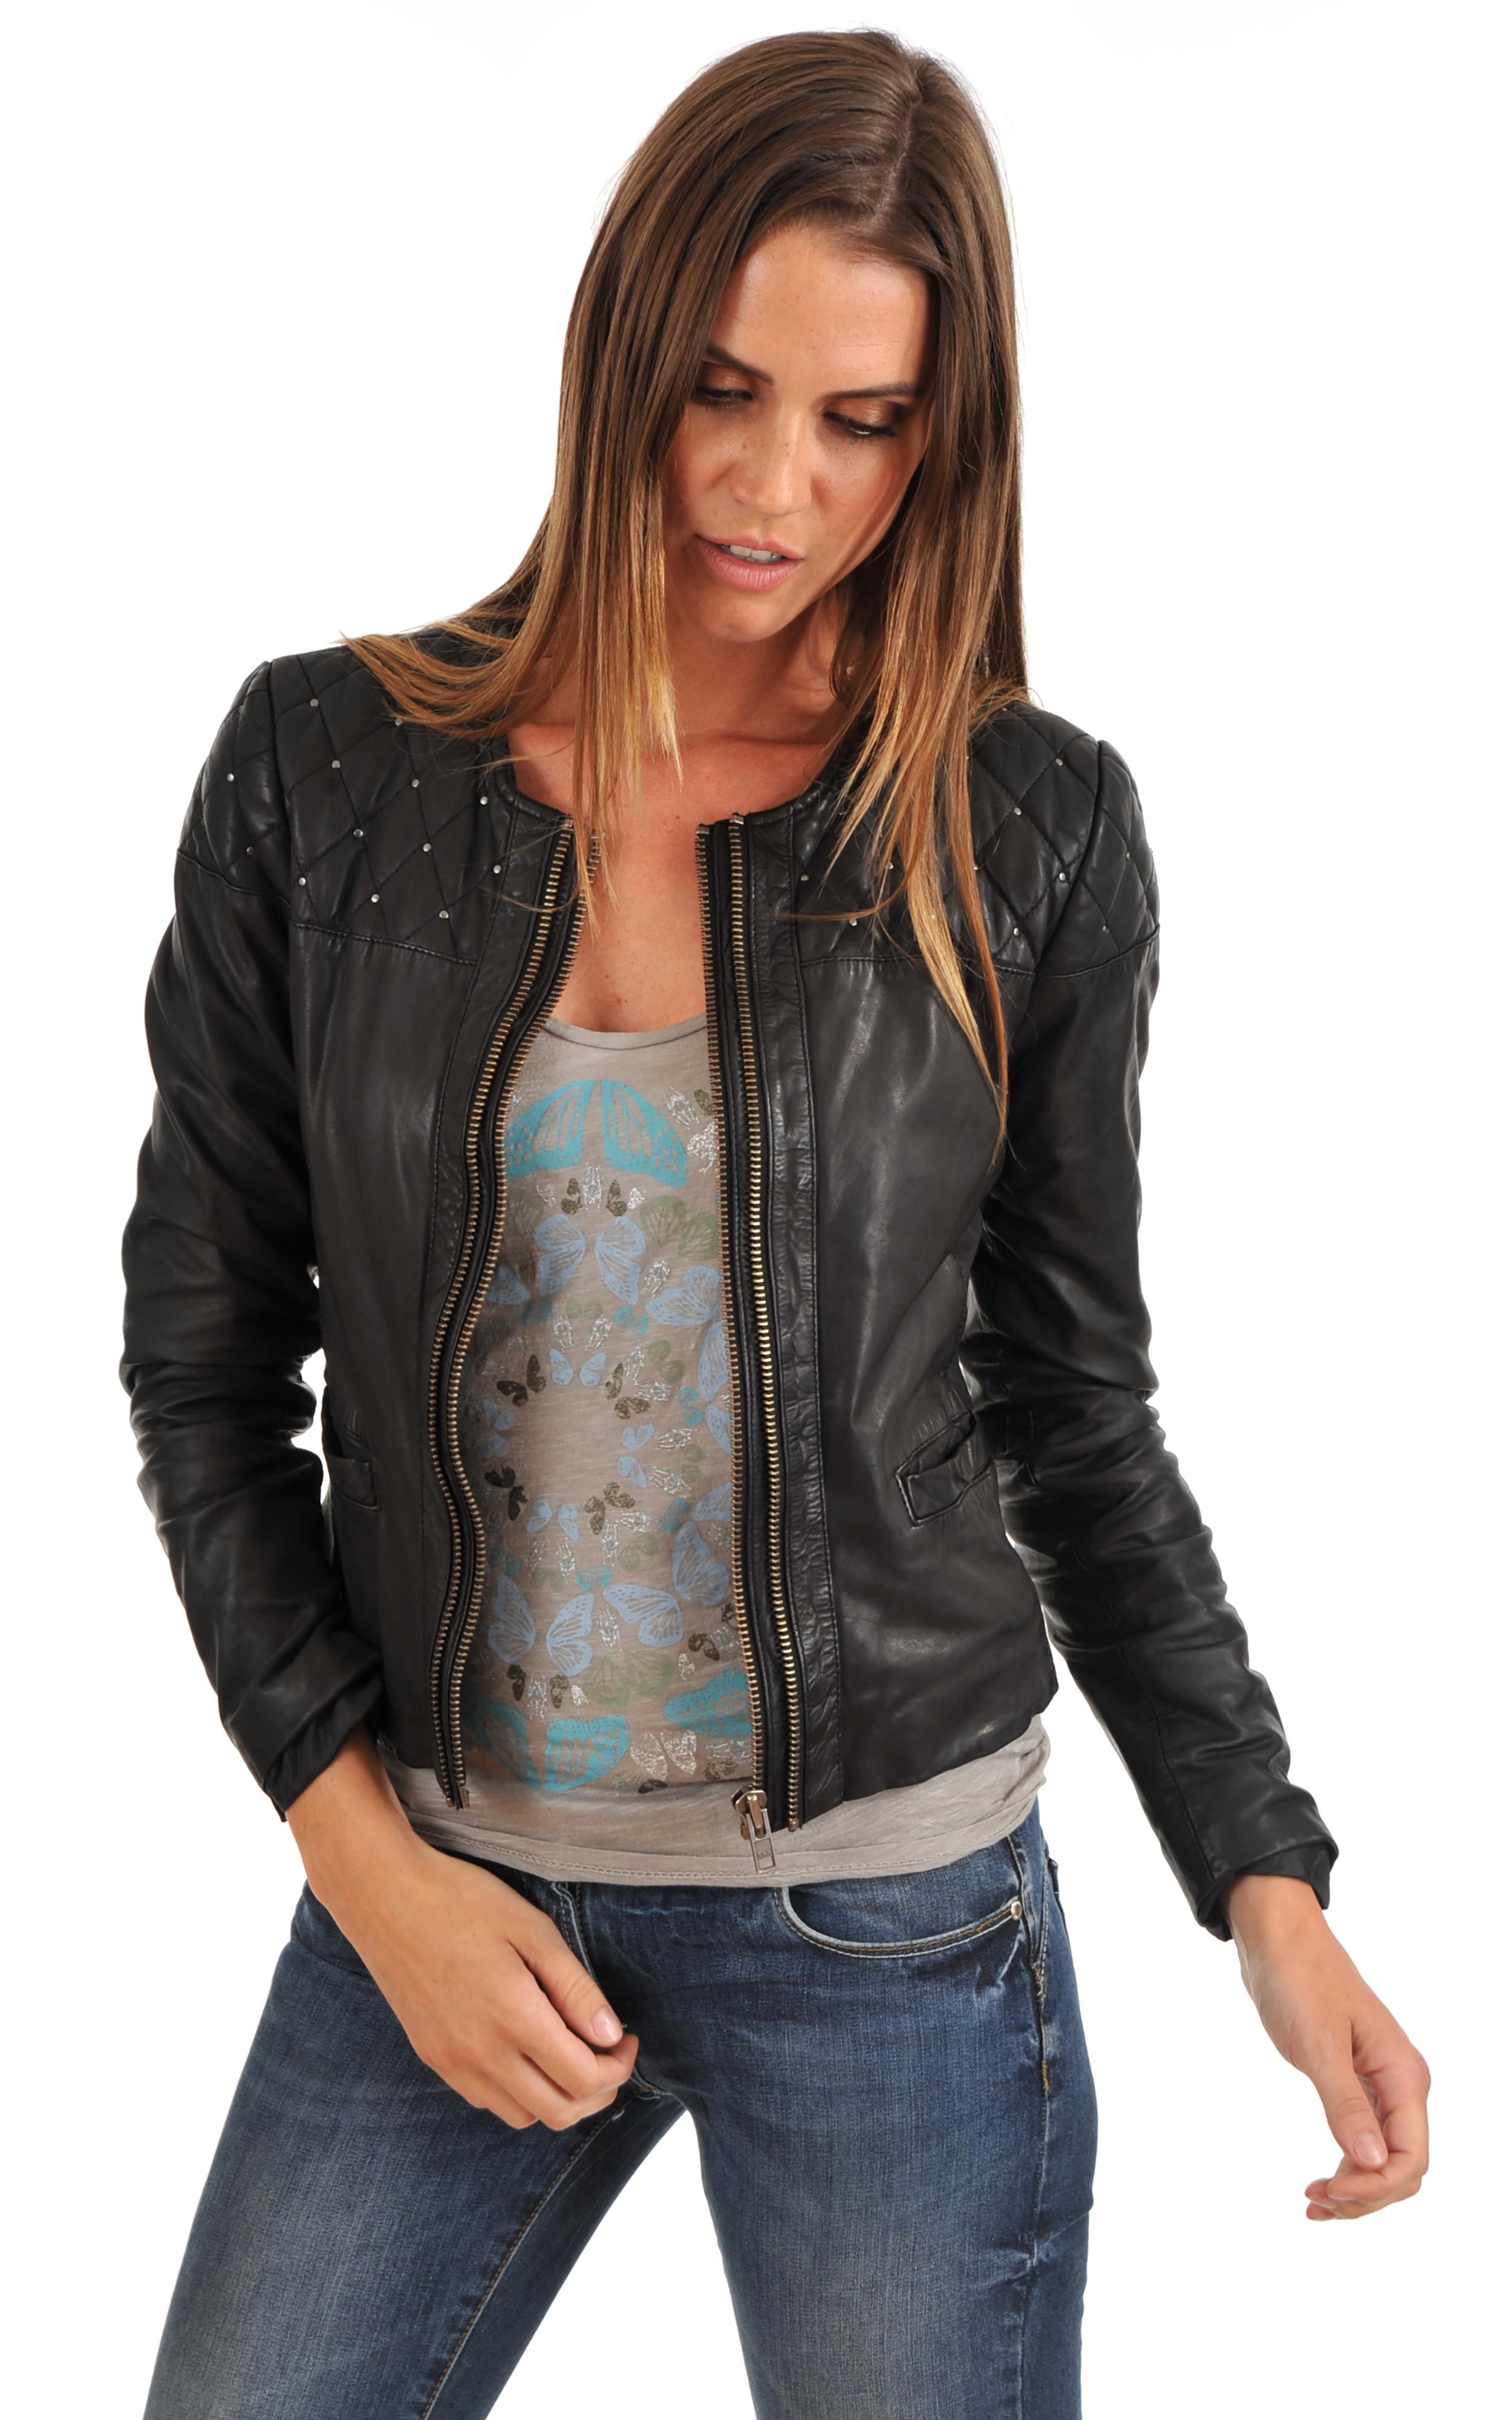 bas prix codes promo marque populaire blouson cuir femme ikks noir,blouson ikks femme